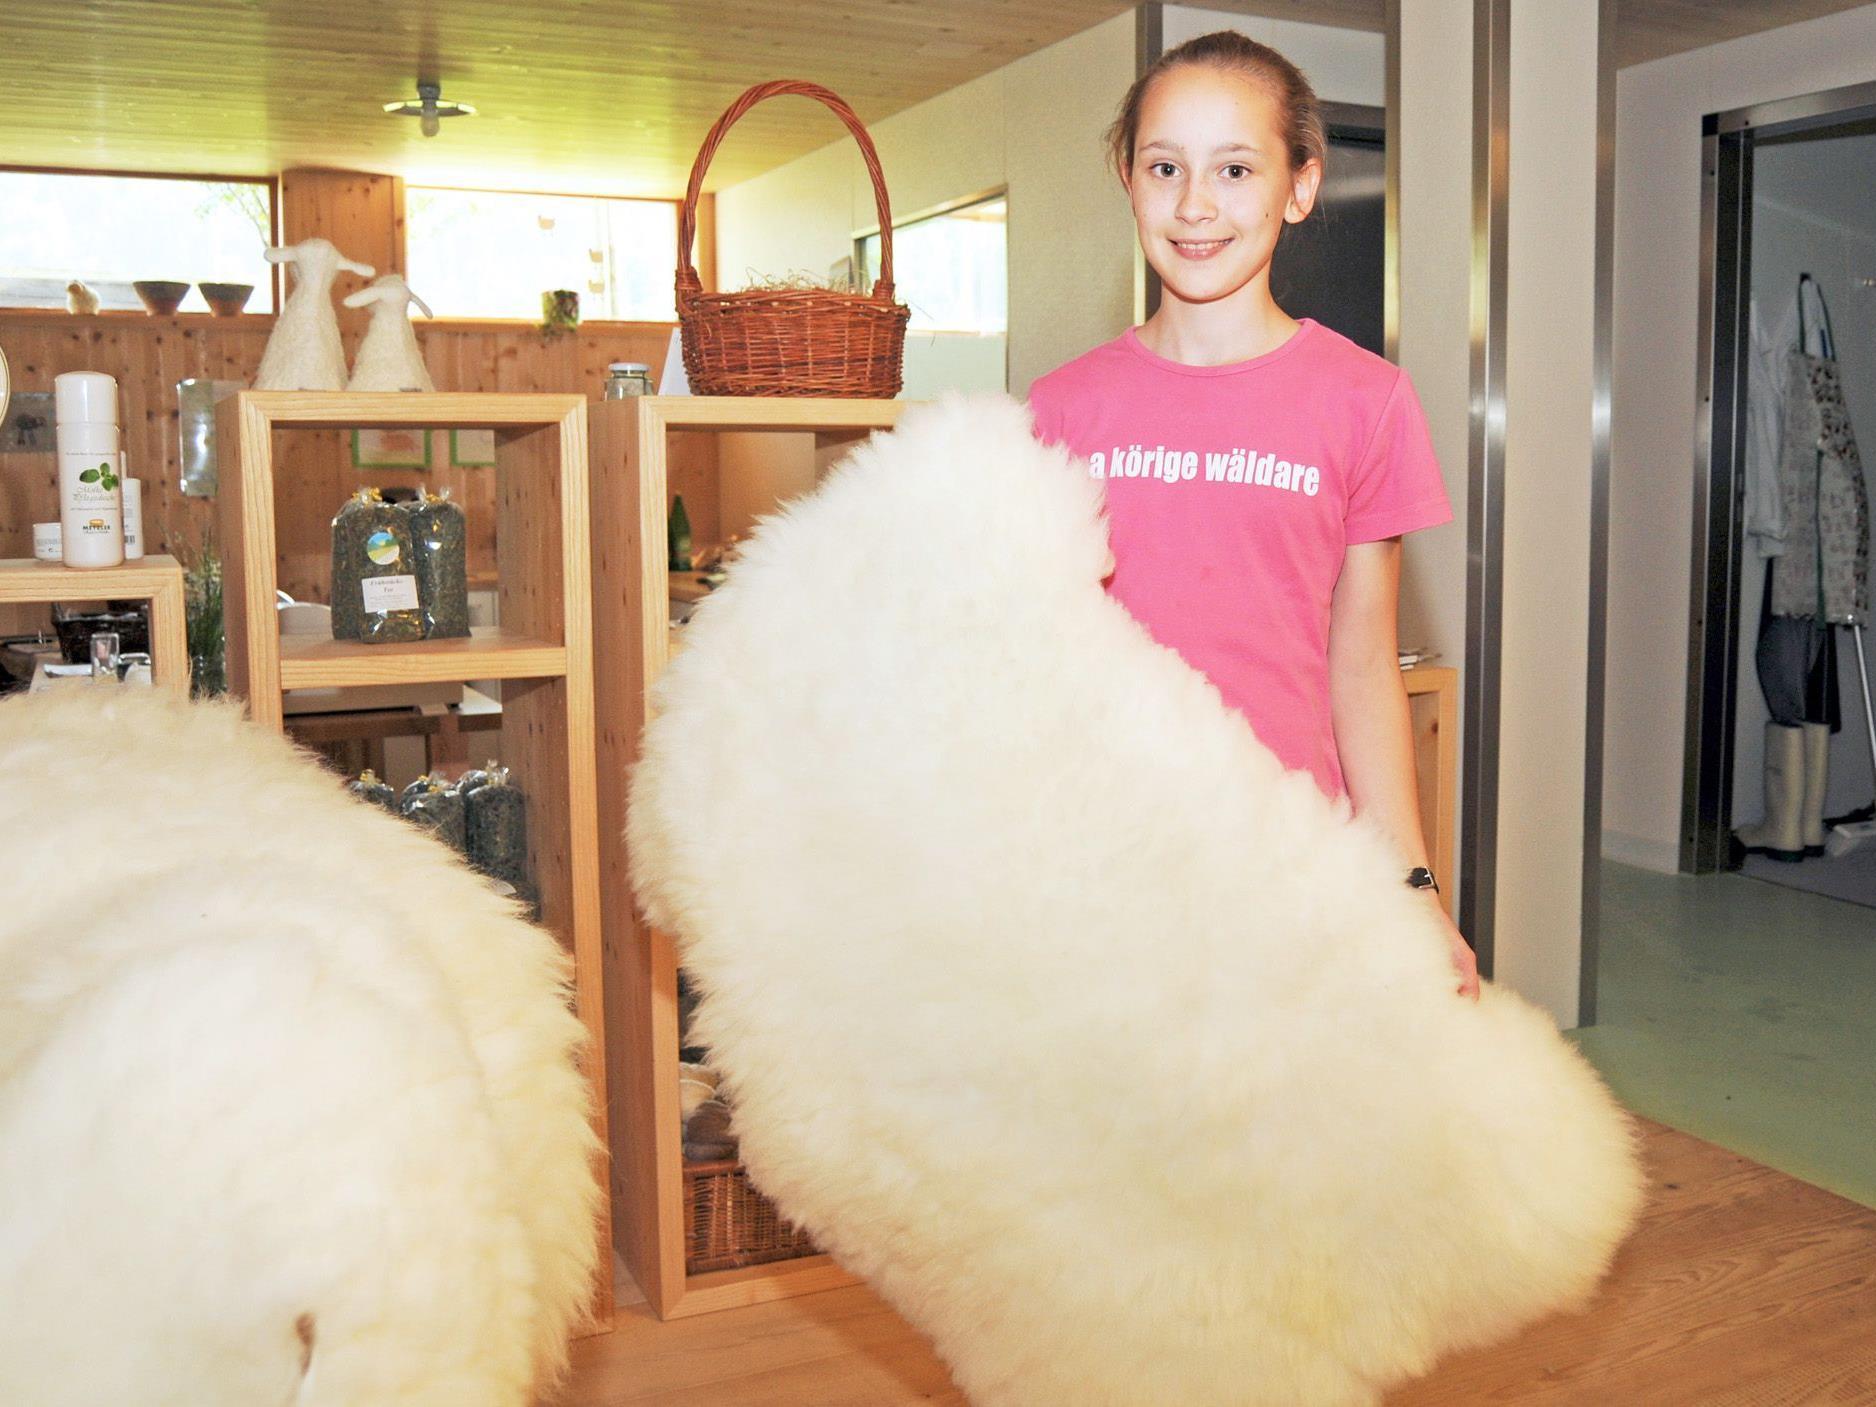 Verena mit einem weichen Fell aus dem Schafzuchtbetrieb ihrer Eltern in Bizau.